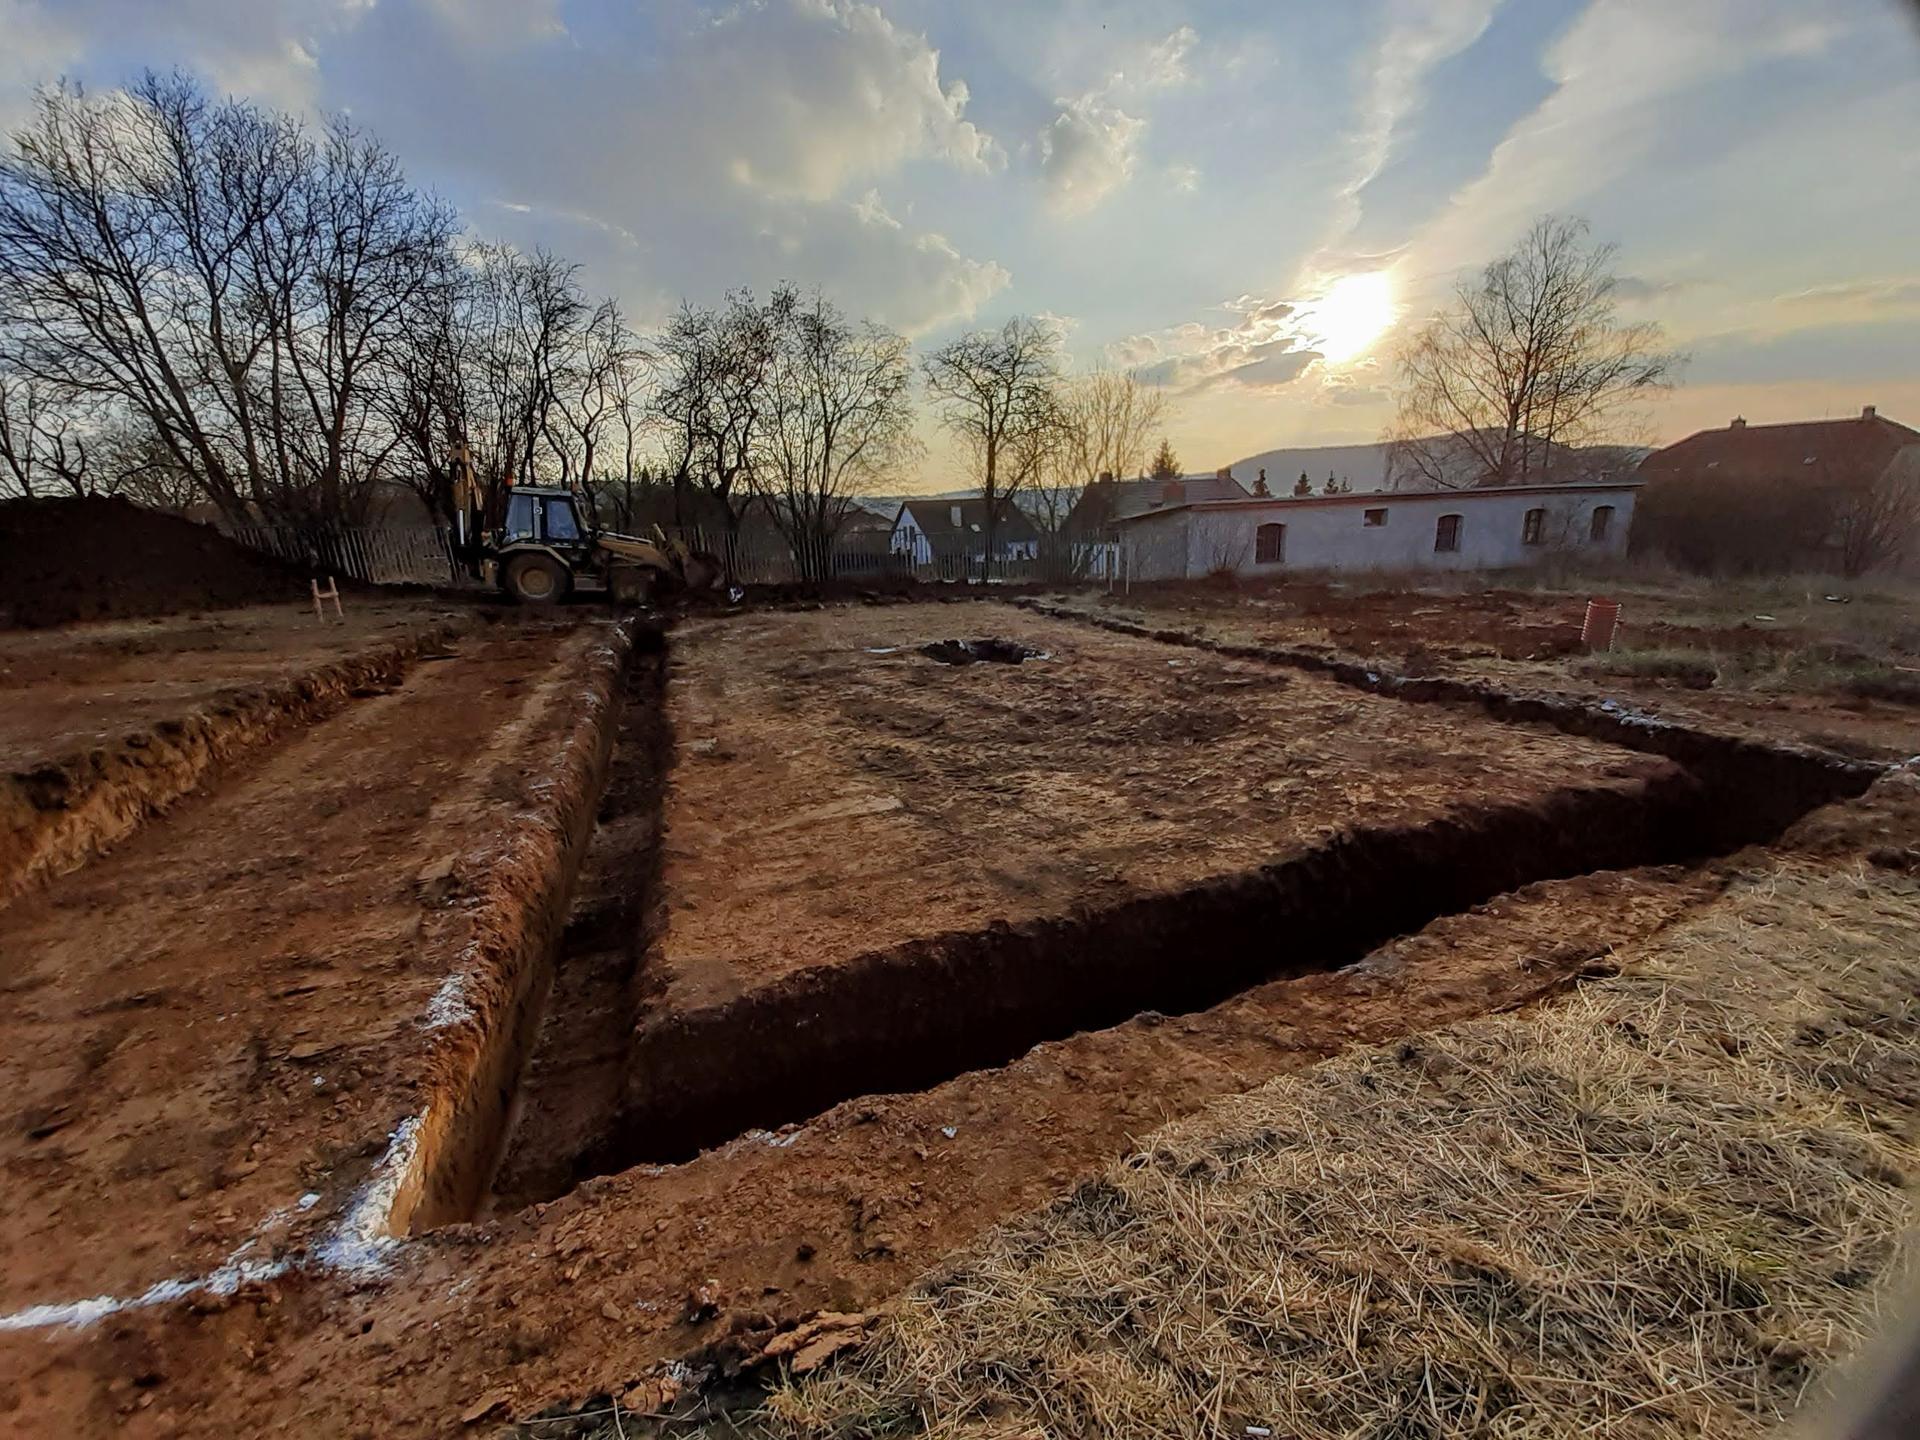 Hrubá stavba - březen - zaří 2020